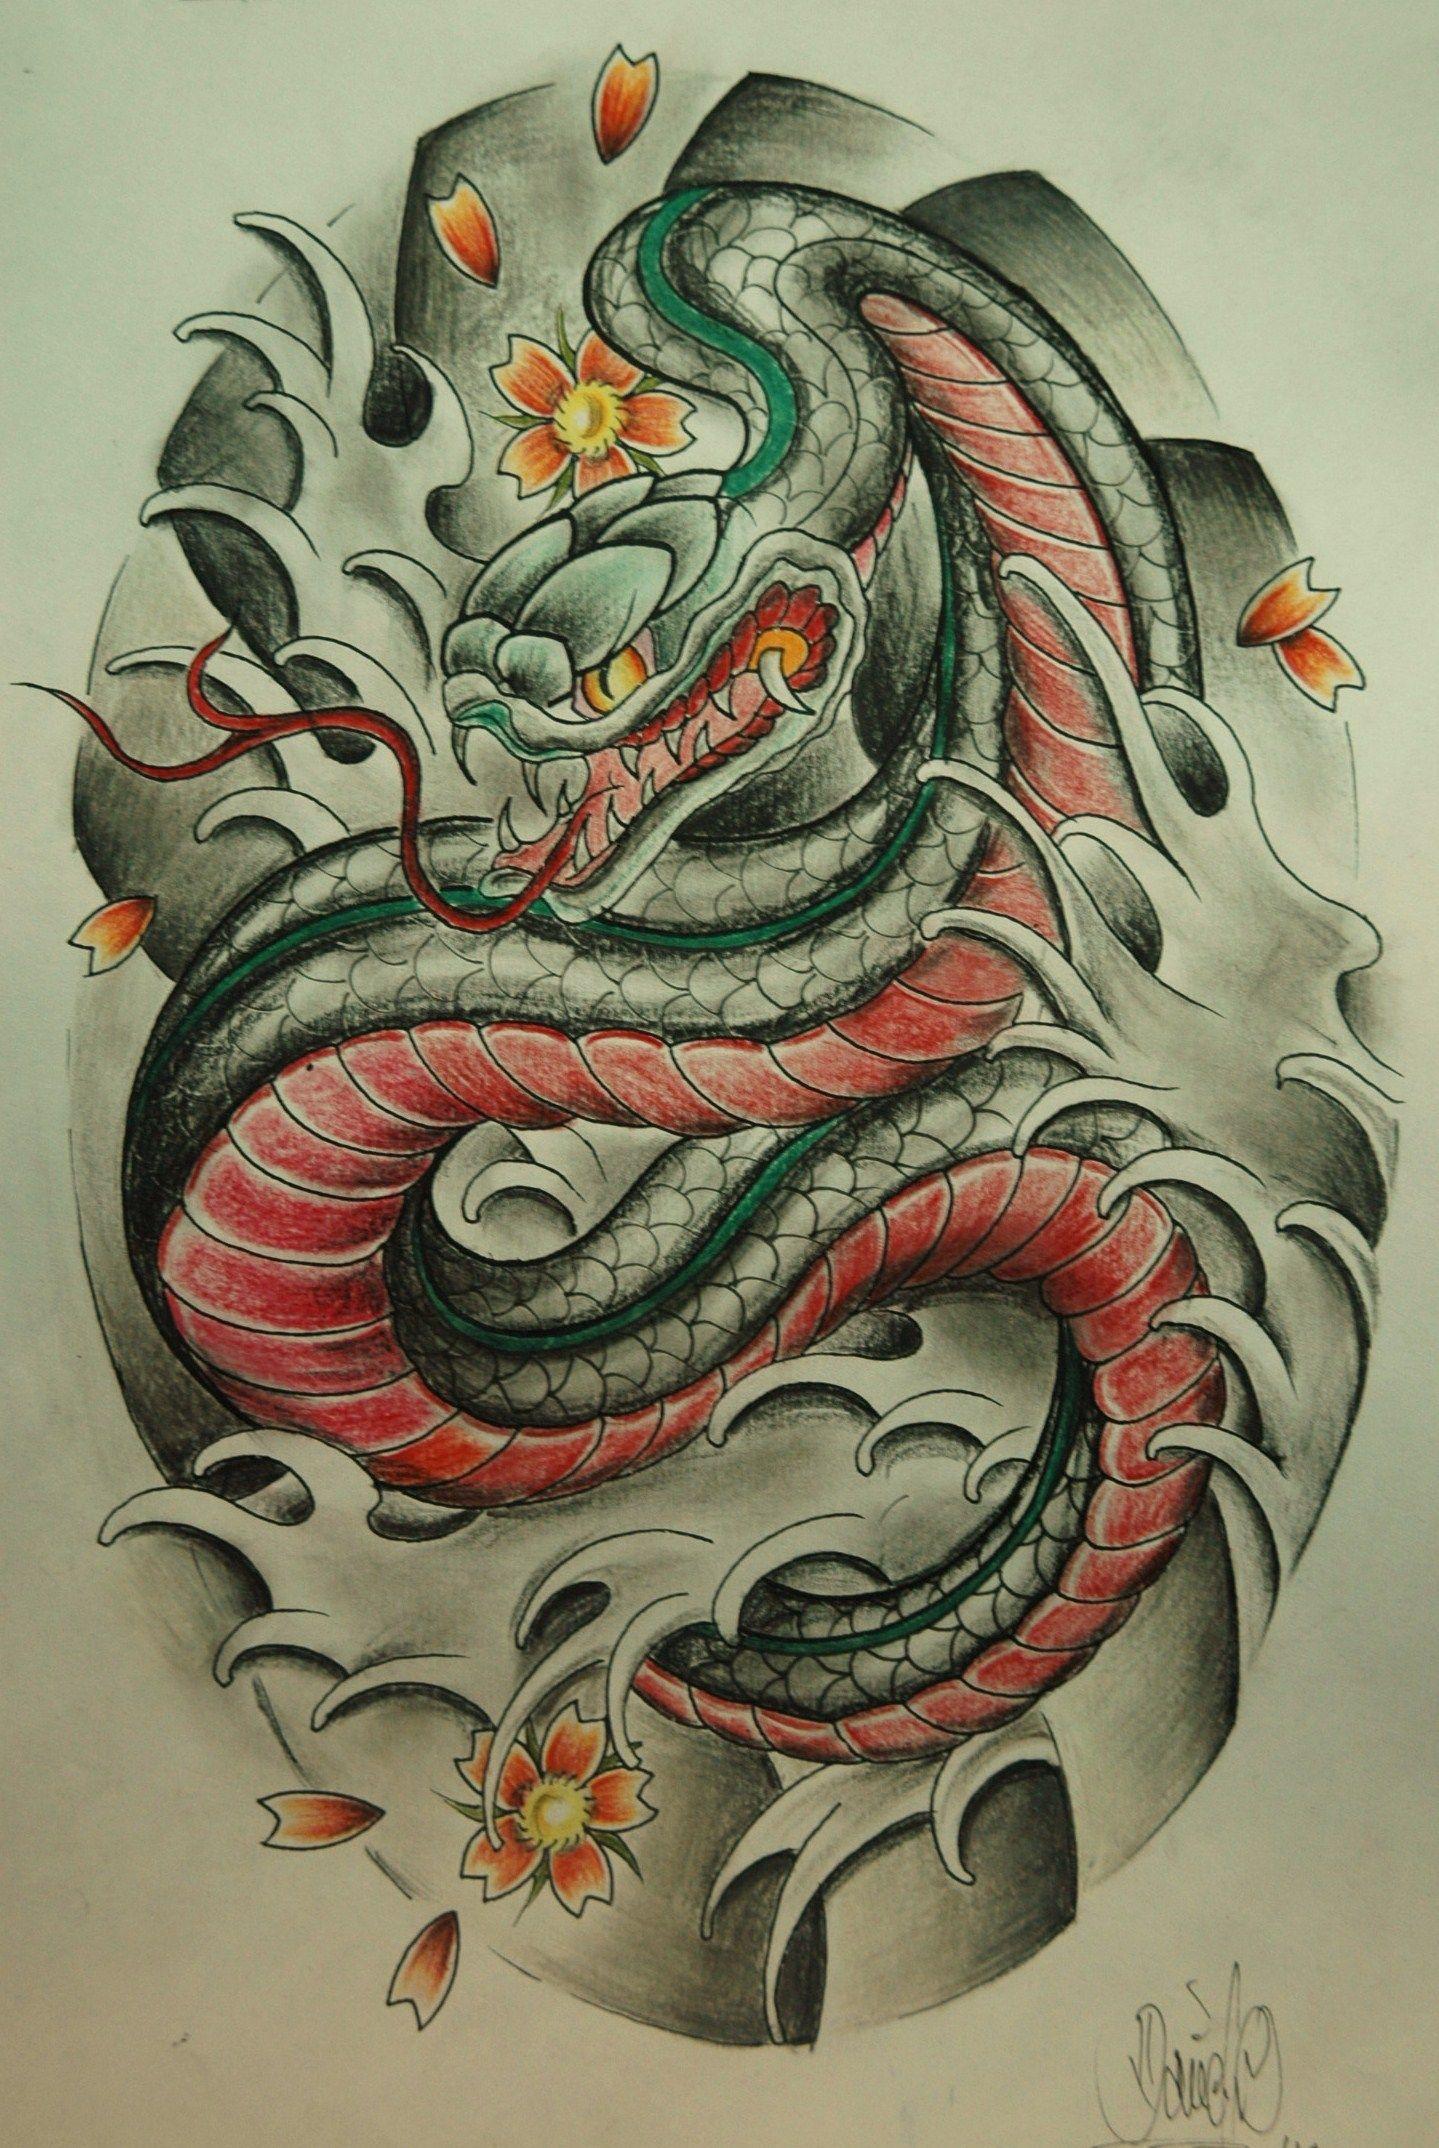 Japanese Snake Japanese Tattoo Japanese Snake Tattoo Snake Sketch